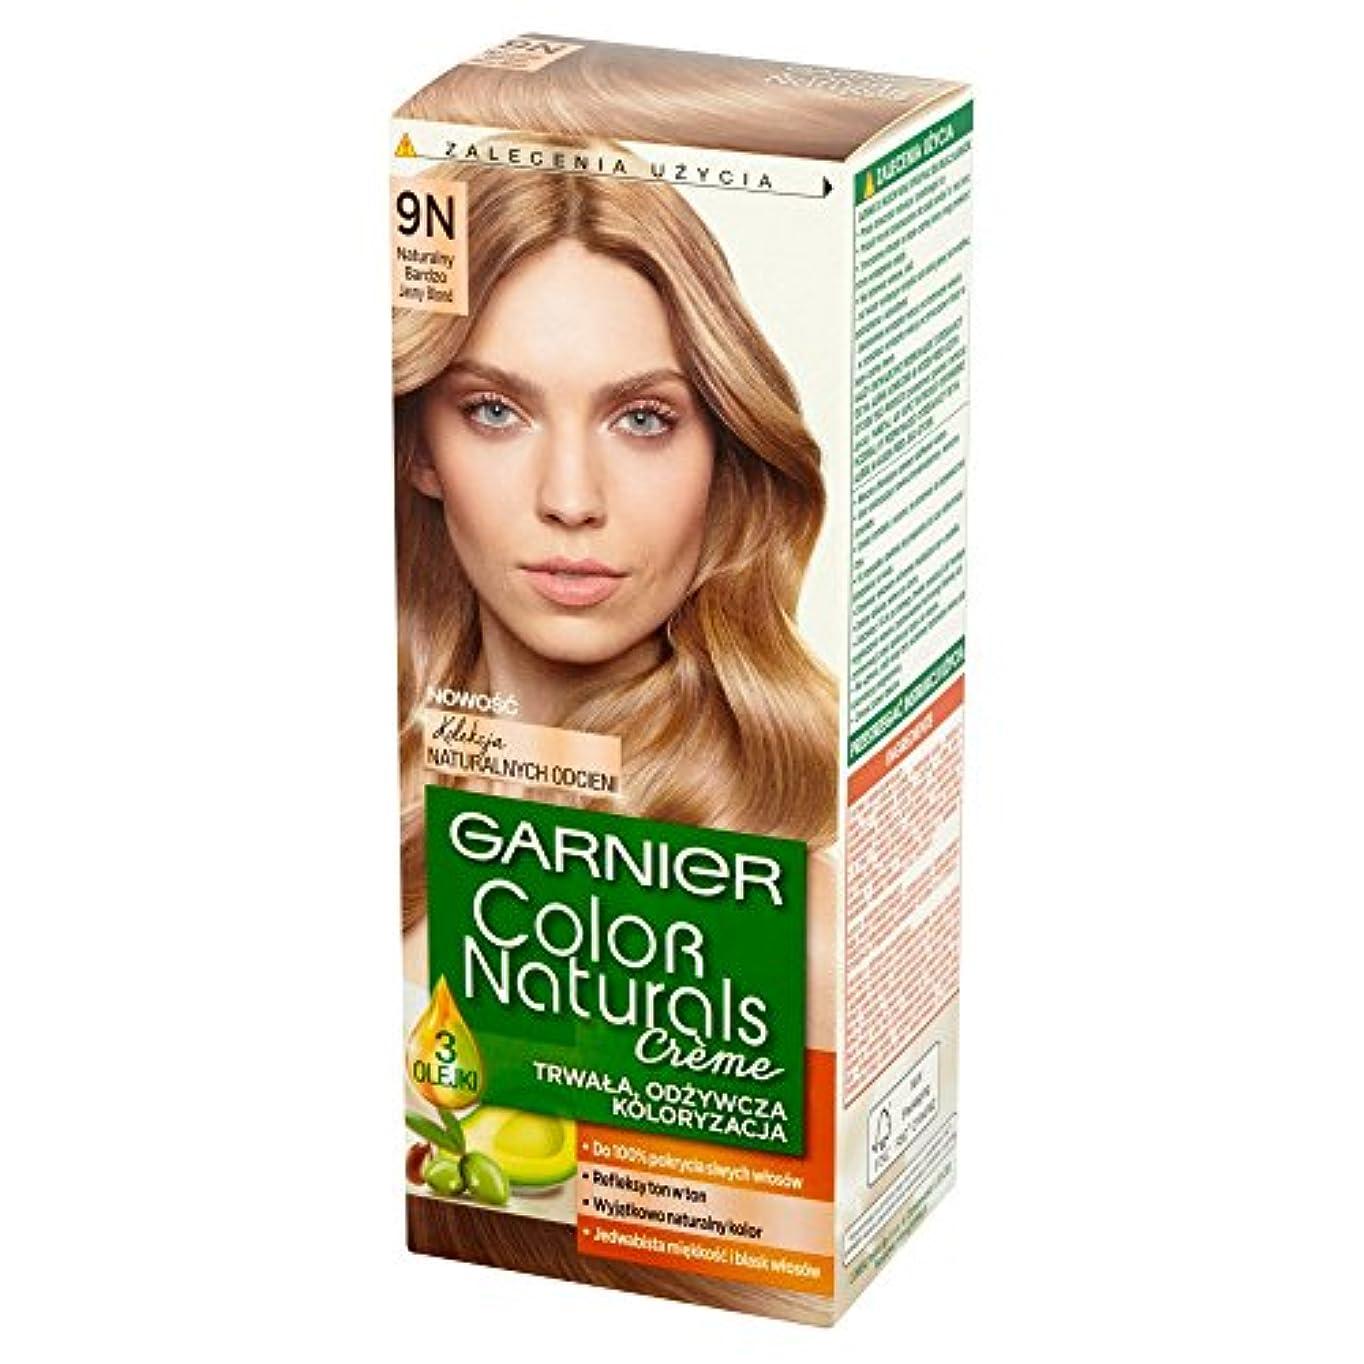 ストレージ南暖かくロレアル Garnier Color Naturals Creme 9N • Natural Light Blonde ブロンドヘアカラークリーム